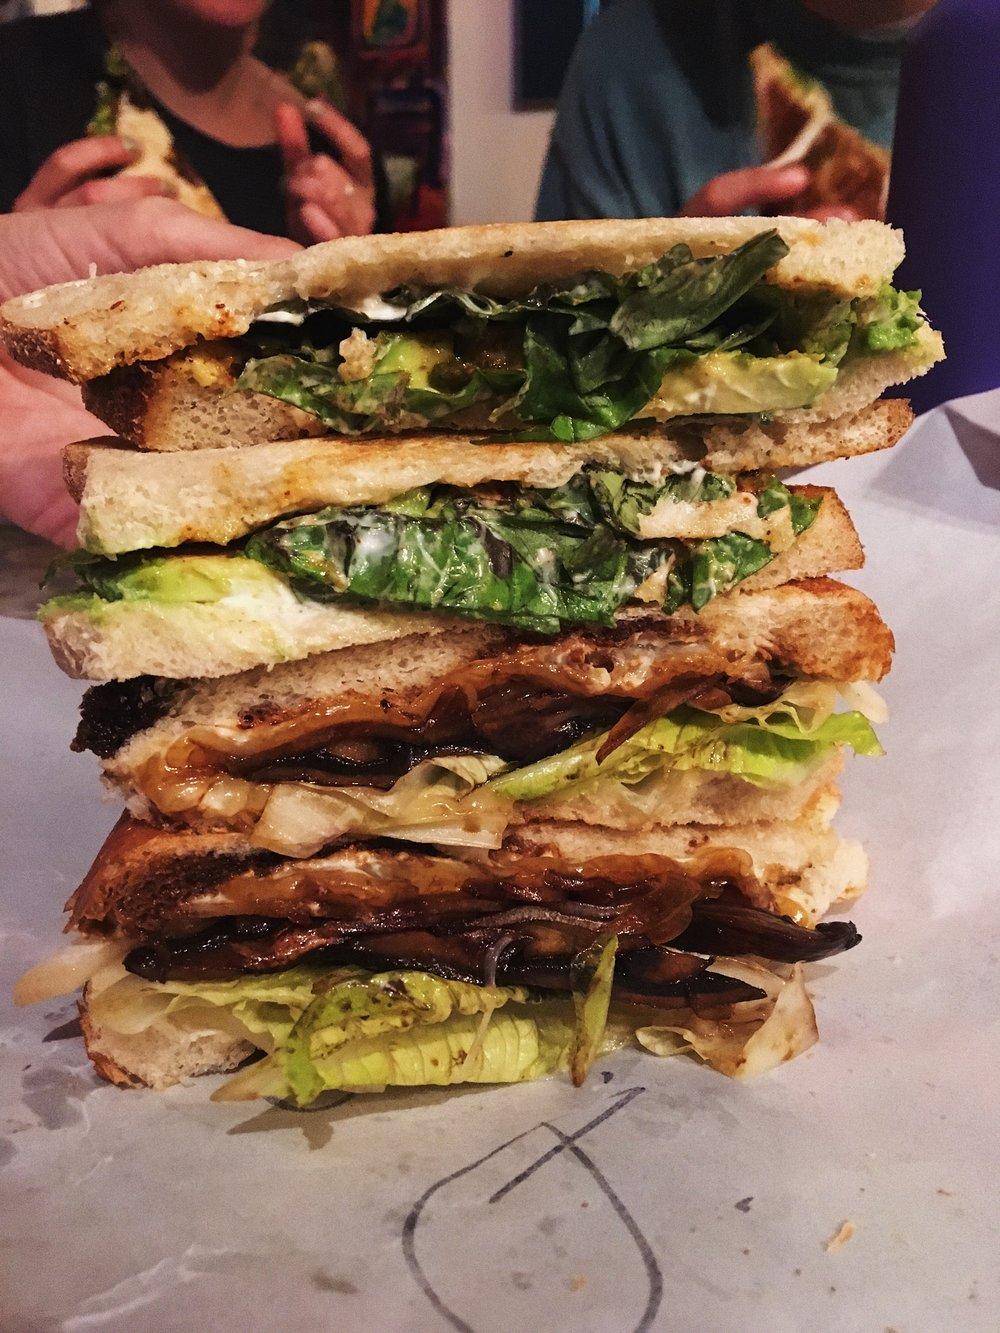 Jamaican Avocado and Roman Portobello Sandwiches- Four Corners of the Earth